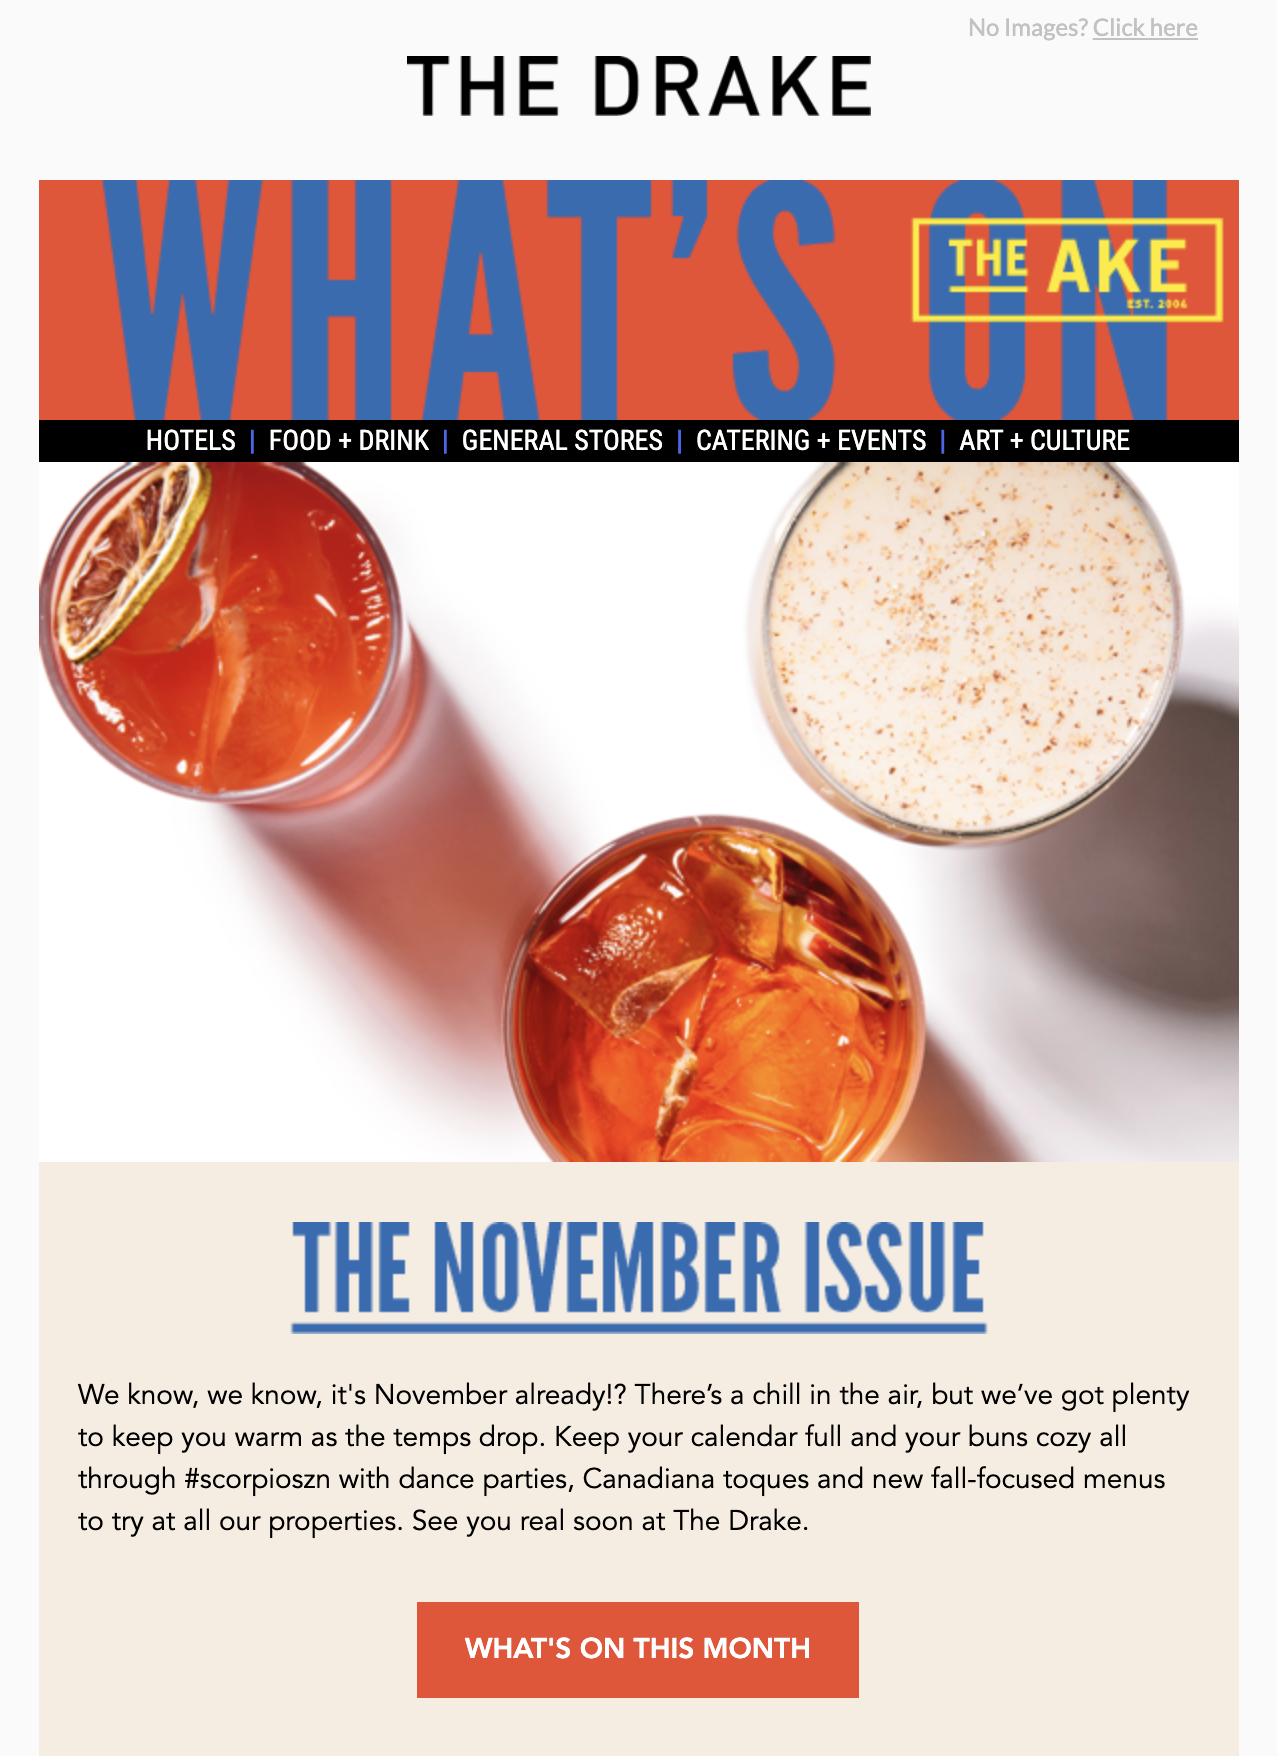 The Drake November newsletter